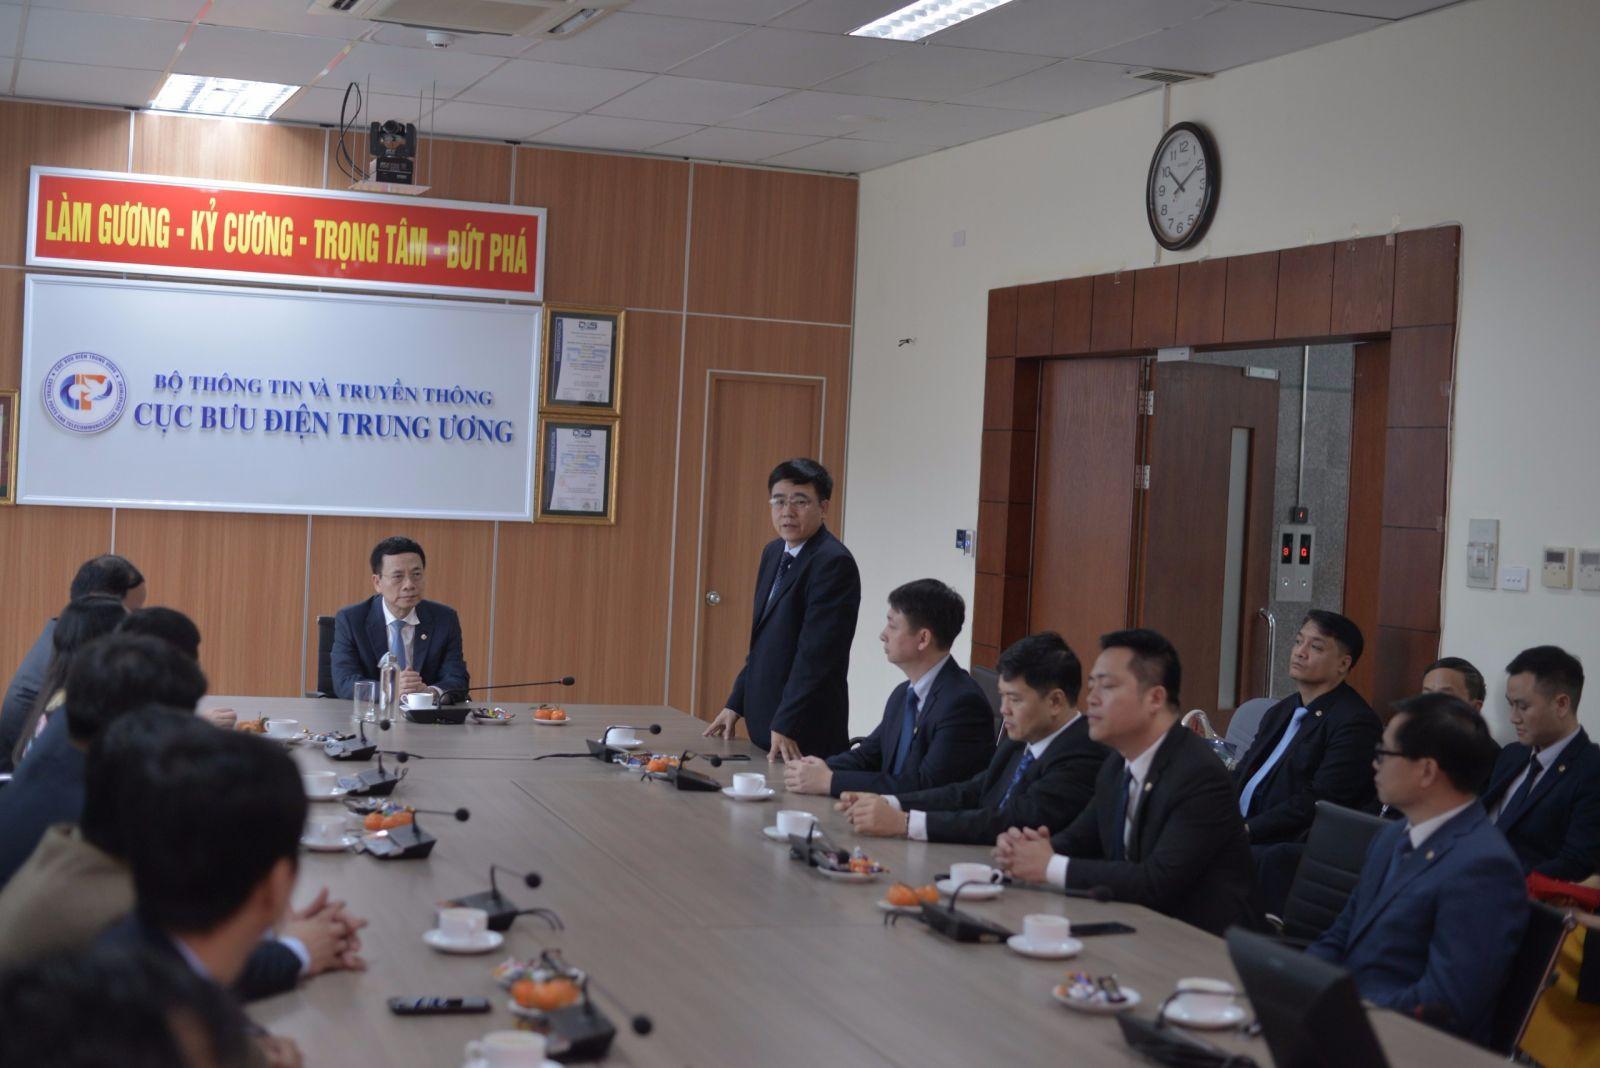 Bộ trưởng Nguyễn Mạnh Hùng thăm một số đơn vị ứng trực dịp Tết Nguyên đán Canh Tý 2020 tại Cục Bưu điện Trung ương